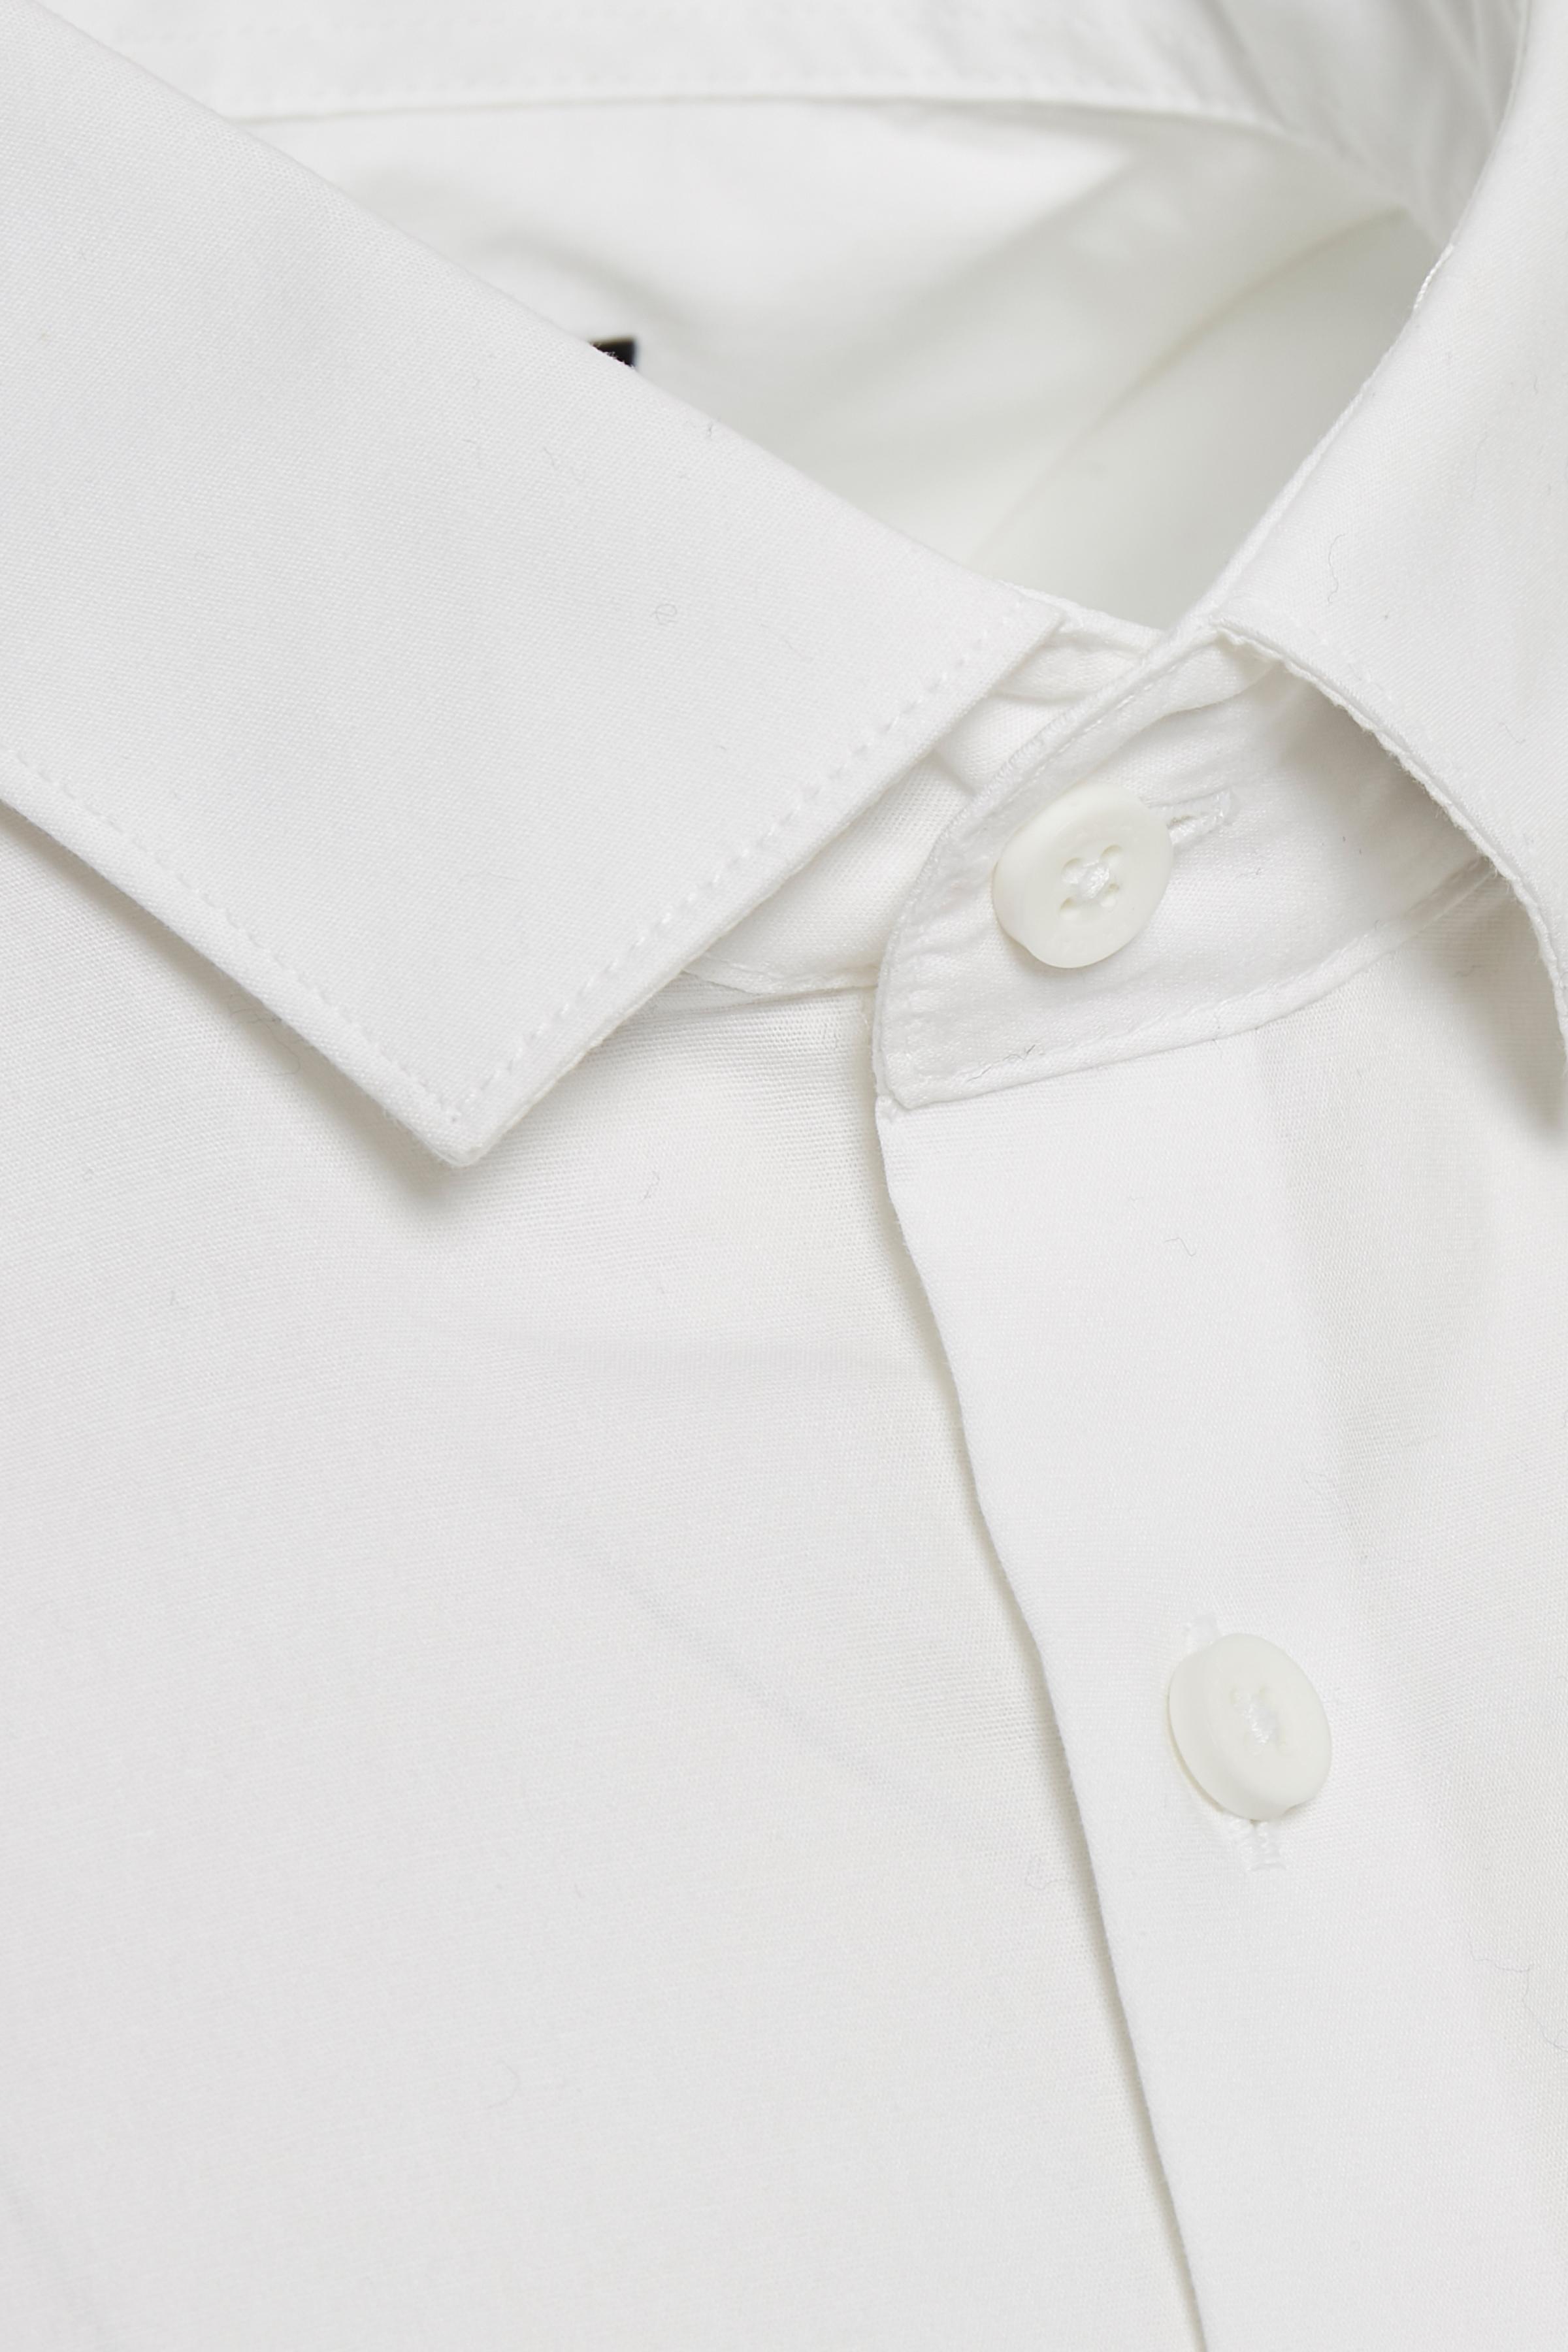 Hvid Langærmet skjorte fra Casual Friday – Køb Hvid Langærmet skjorte fra str. XXS-3XL her